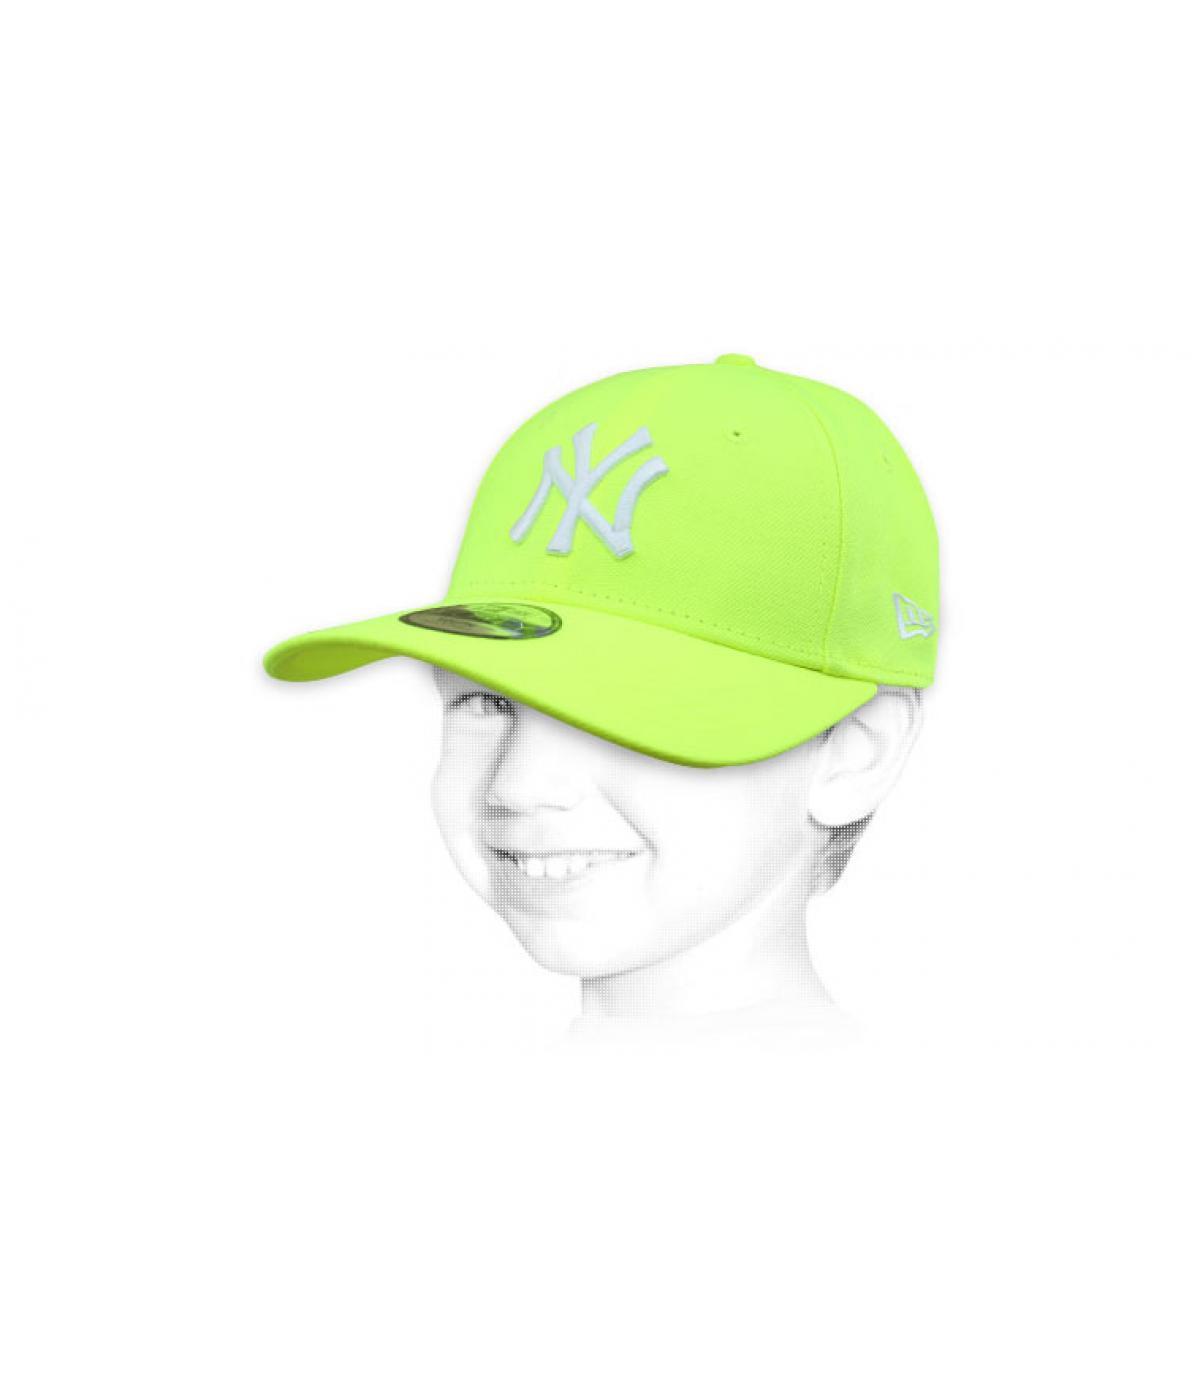 NY child cap yellow